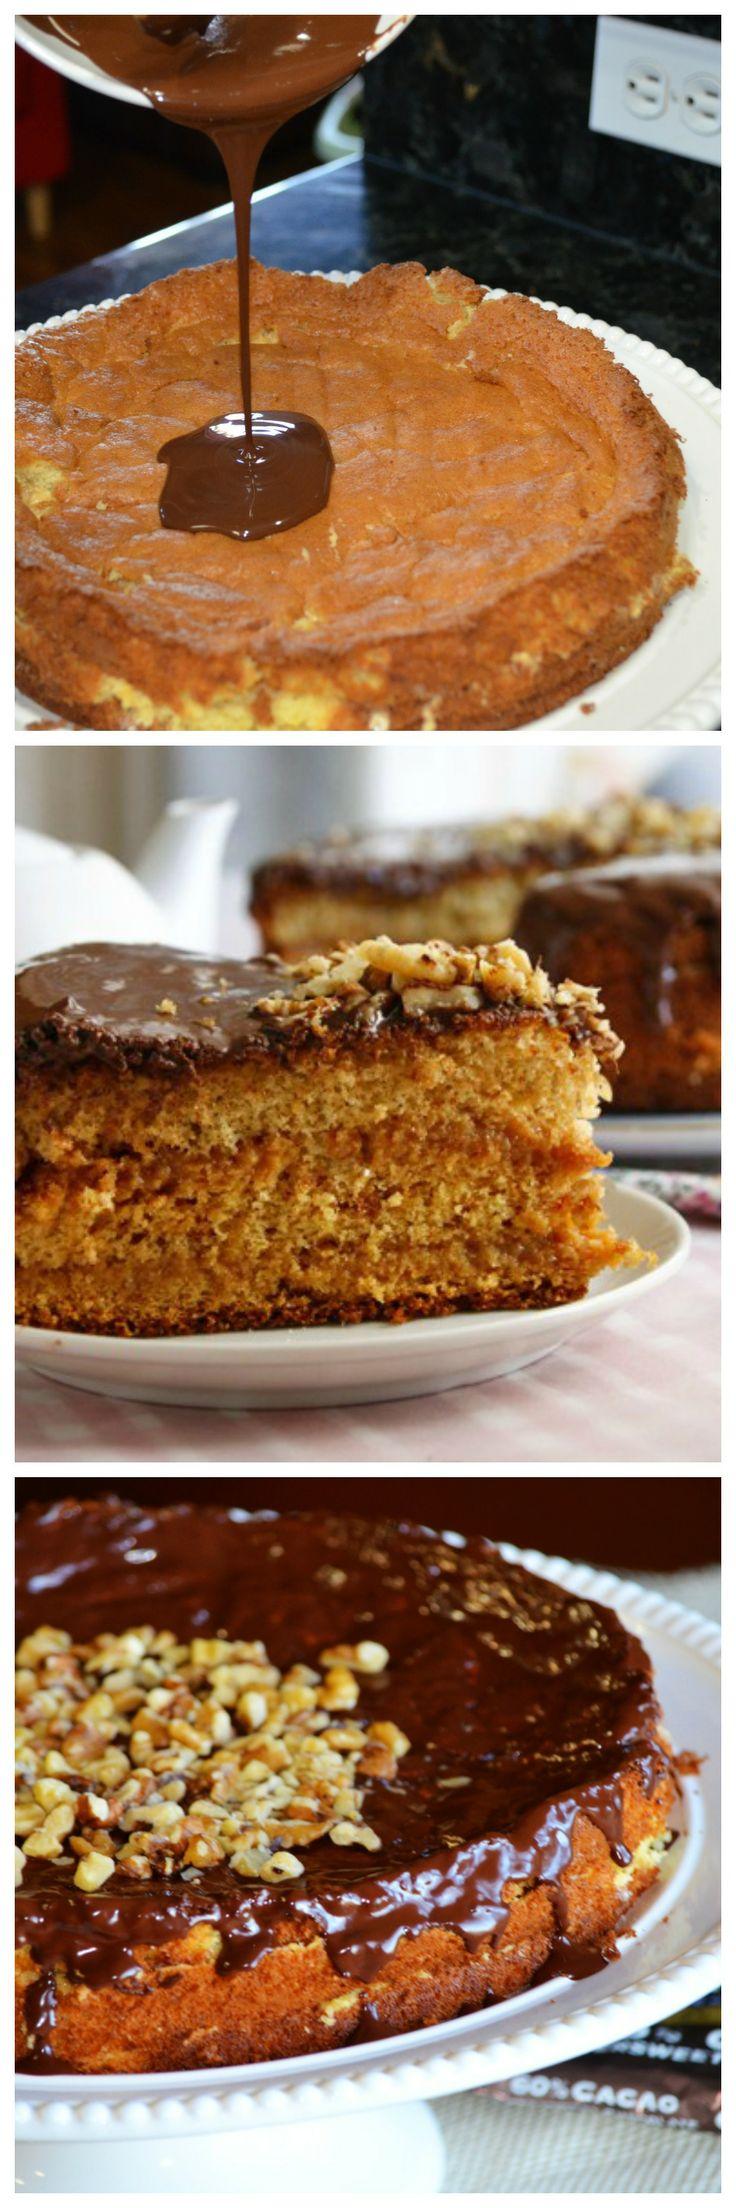 Honey Walnut Cake @GrabandgoRecipes.com Home Cooking   *:*:*:Dessert ...